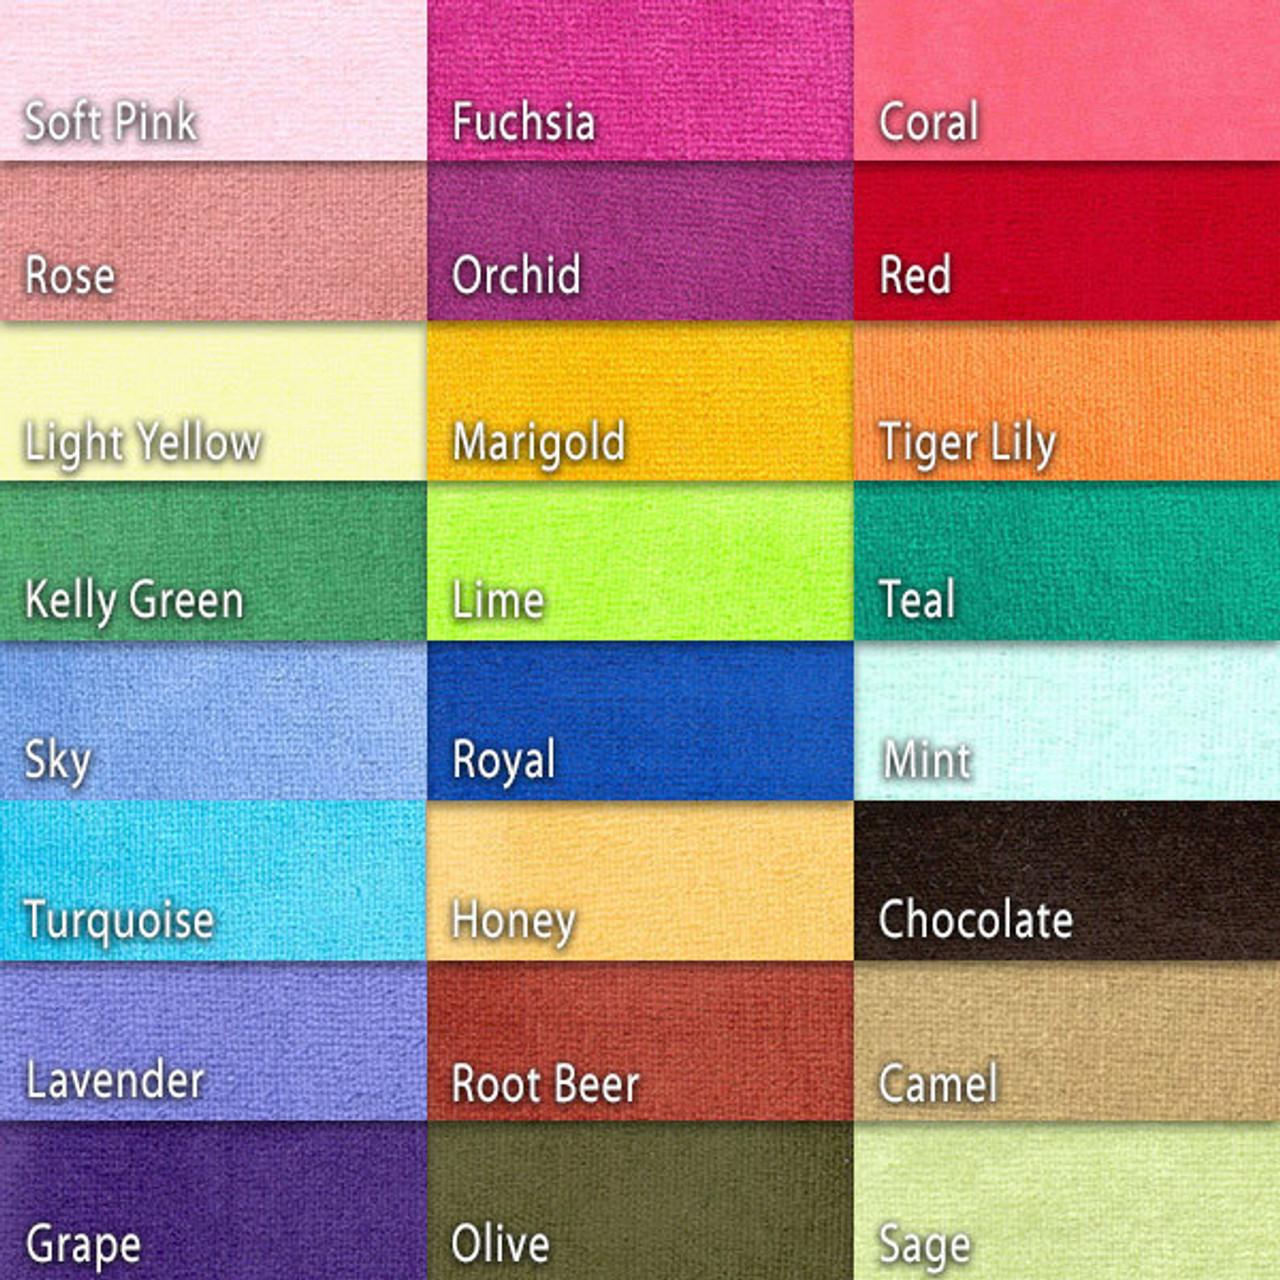 125e4a8a4c5 Cotton Knit Velour Fabric - A Child's Dream Come True